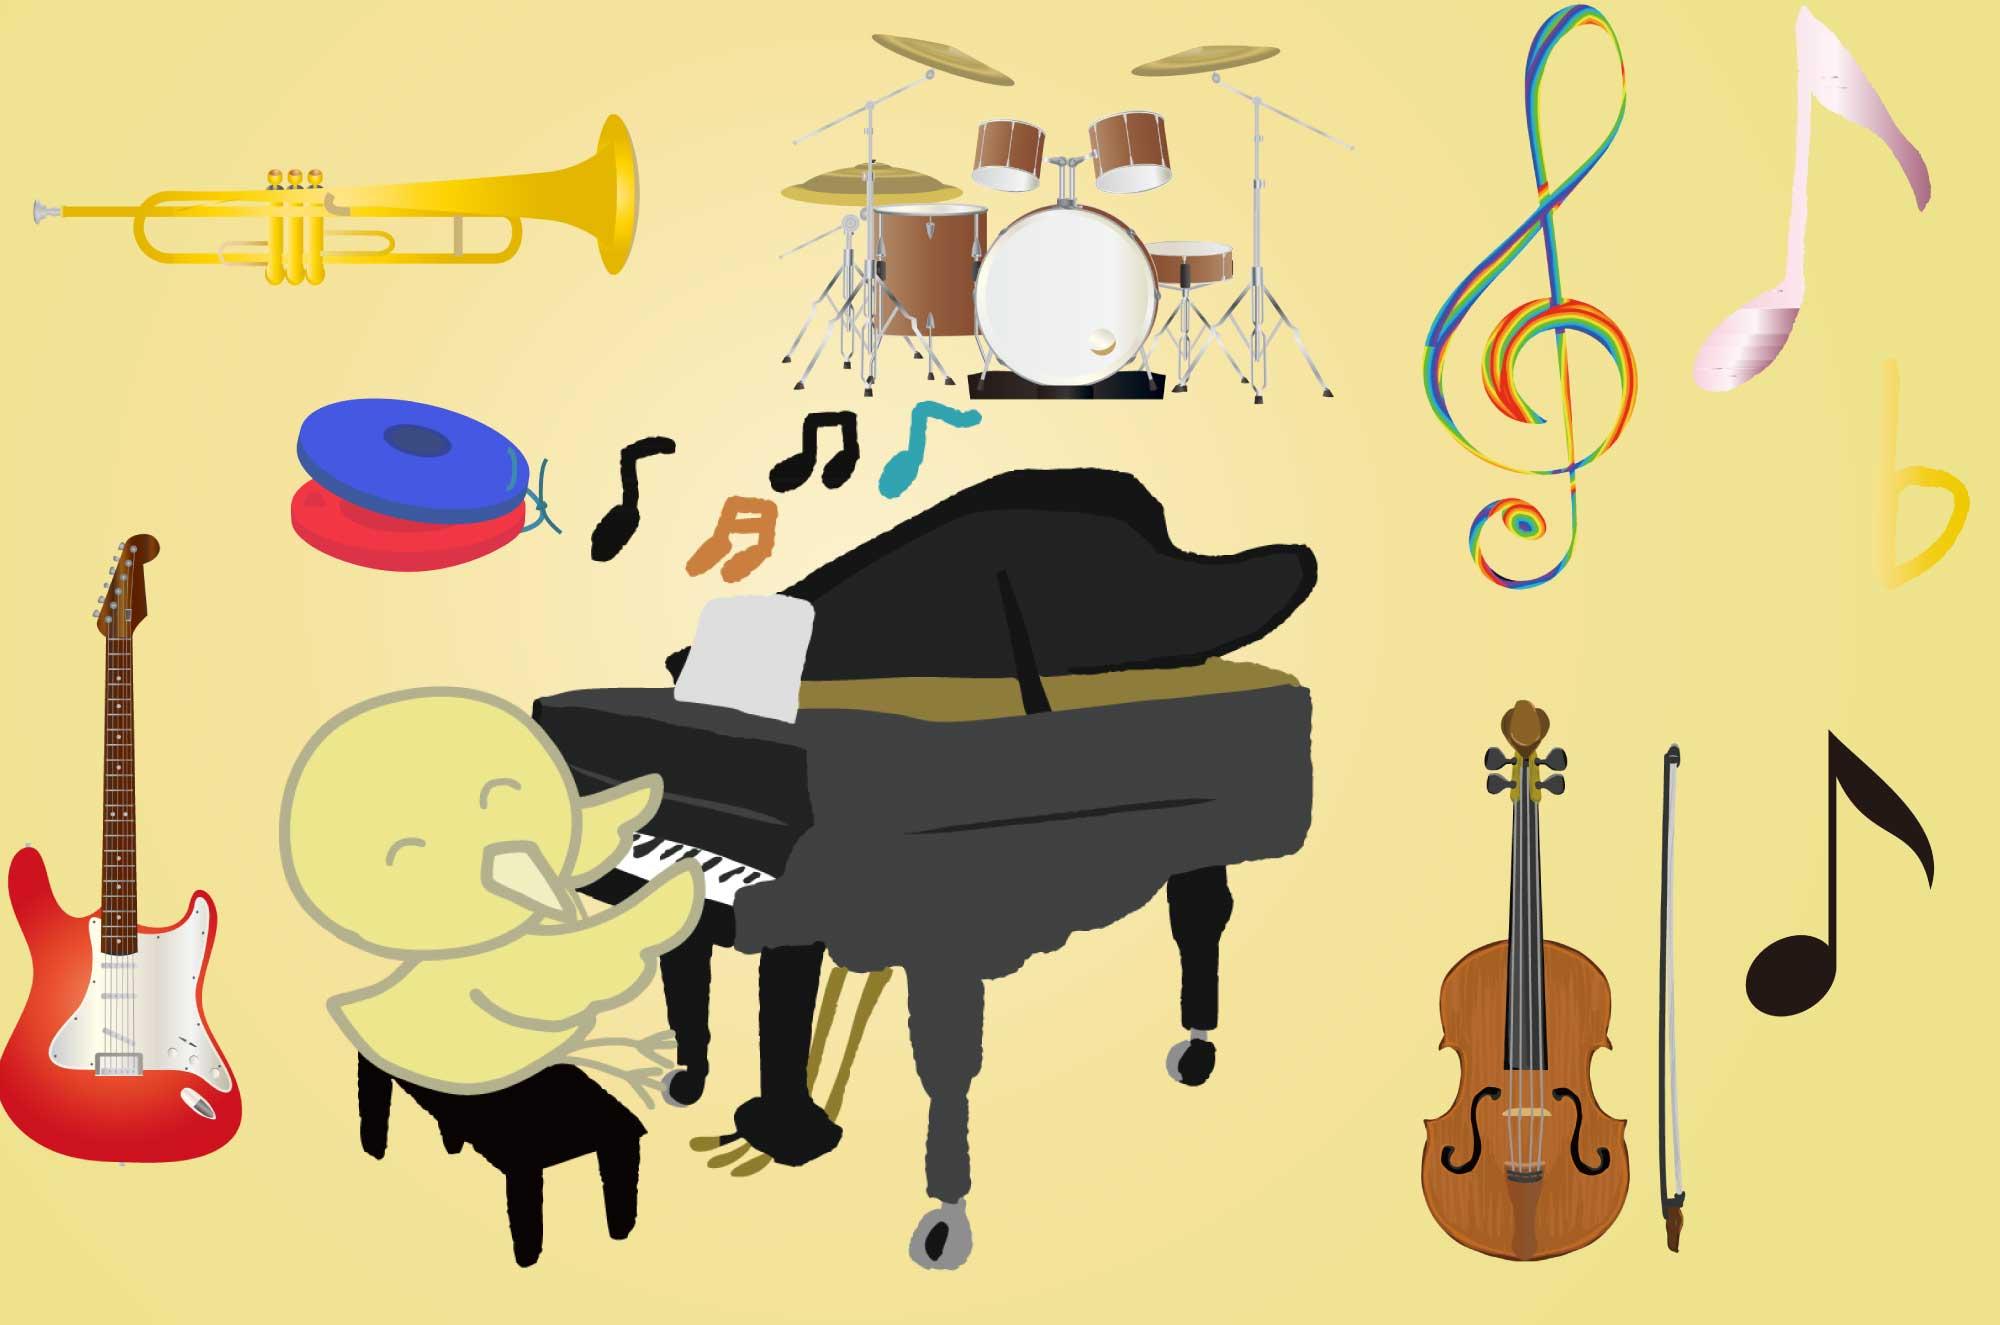 音楽の無料イラスト - 音符や楽器のフリー素材集